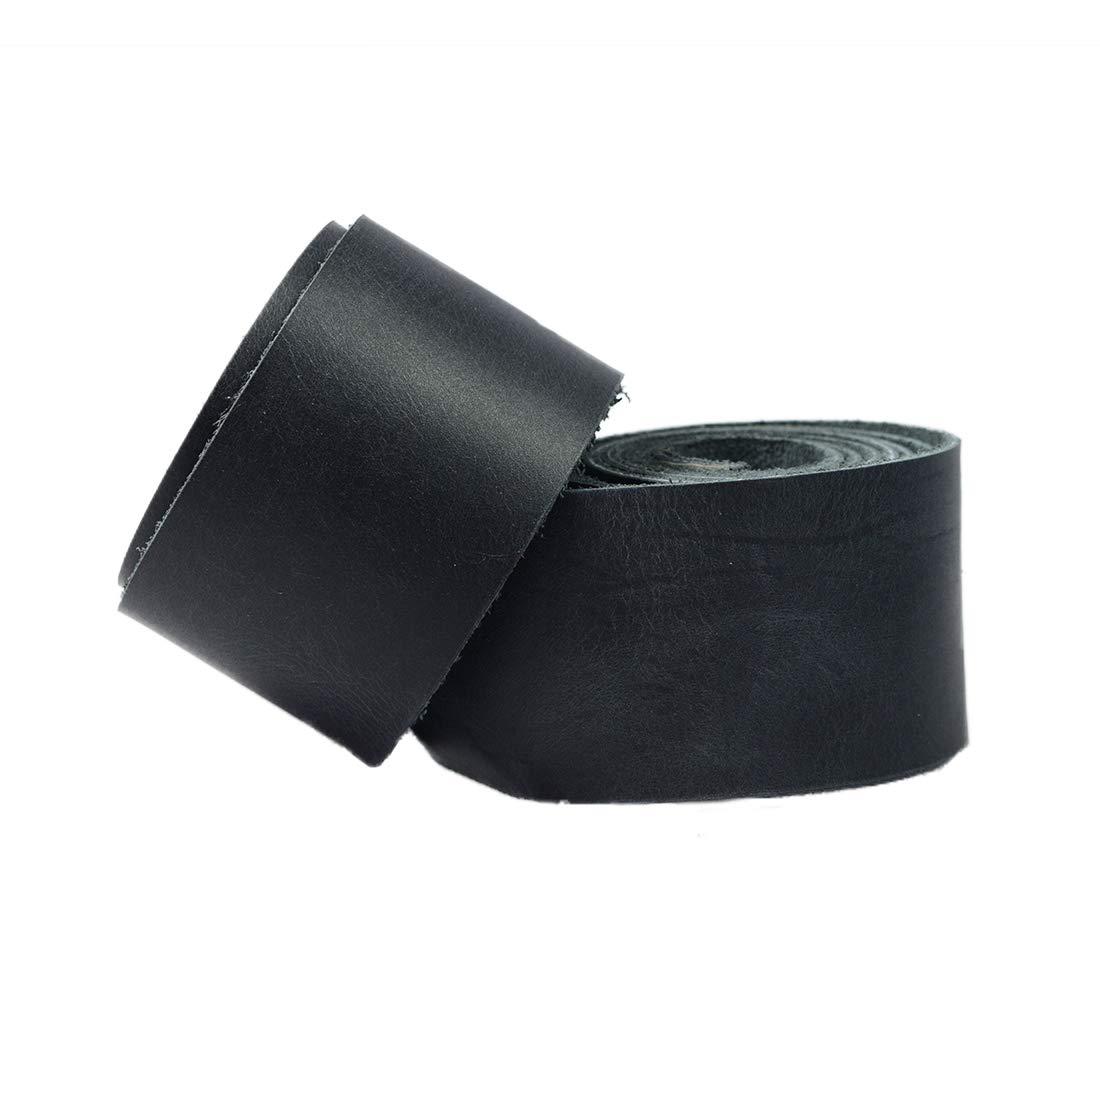 Hide & Drink レザー ストロングストラップ 幅1.5インチ コード編組ストリング 中重量 (1.8mm厚) 長さ48インチ クラフト/ツール/ワークショップ用 ::チャコールブラック B07KYV9RZY